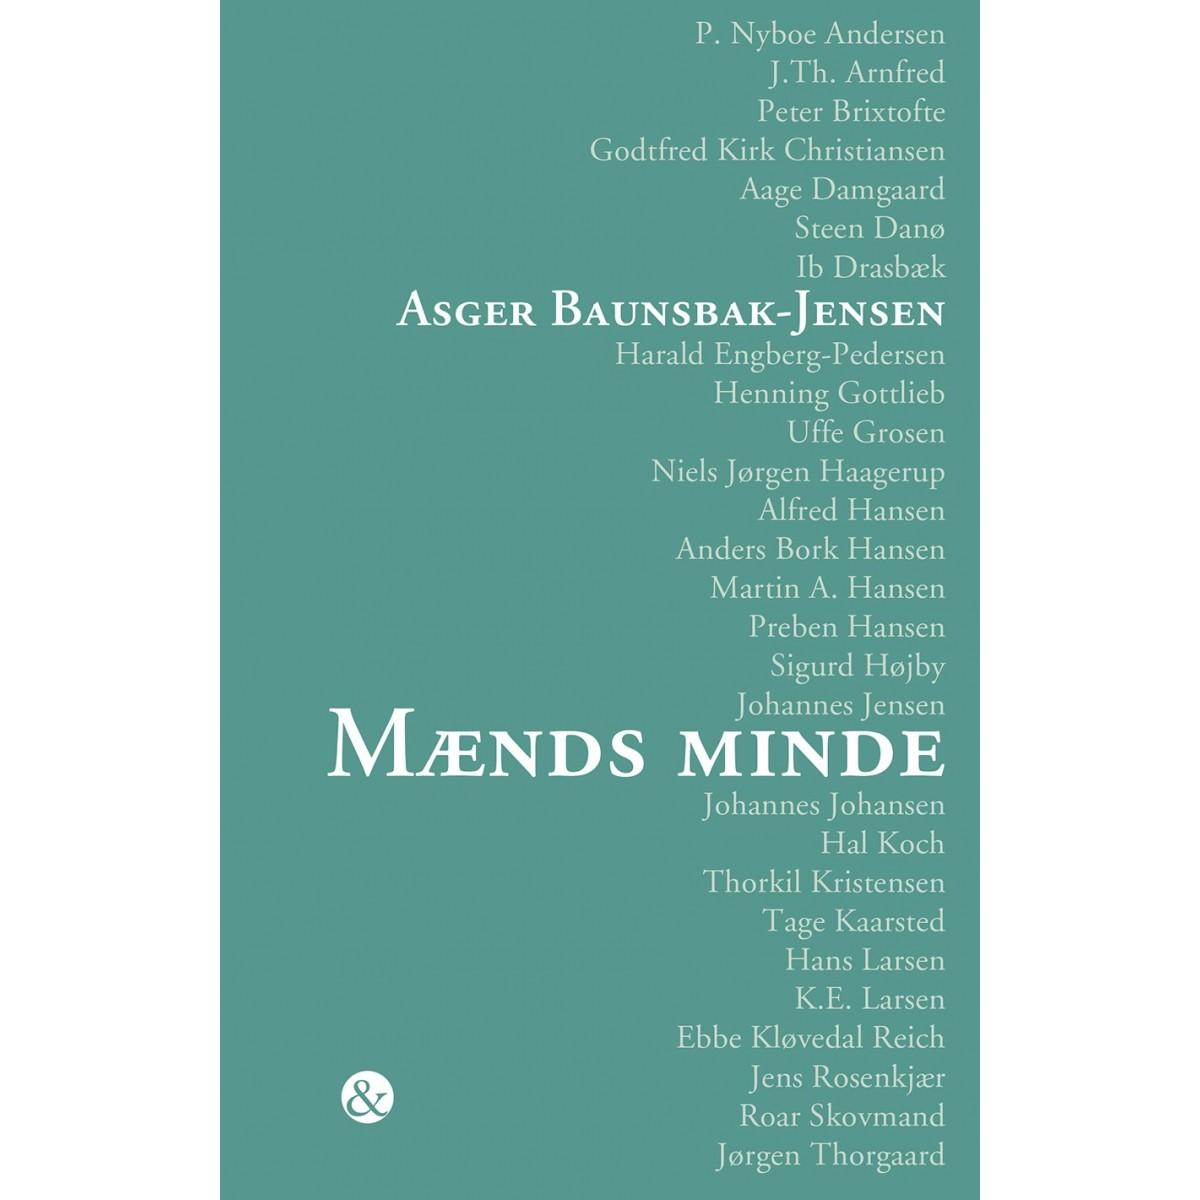 Asger Baunsbak-Jensen: Mænds minde